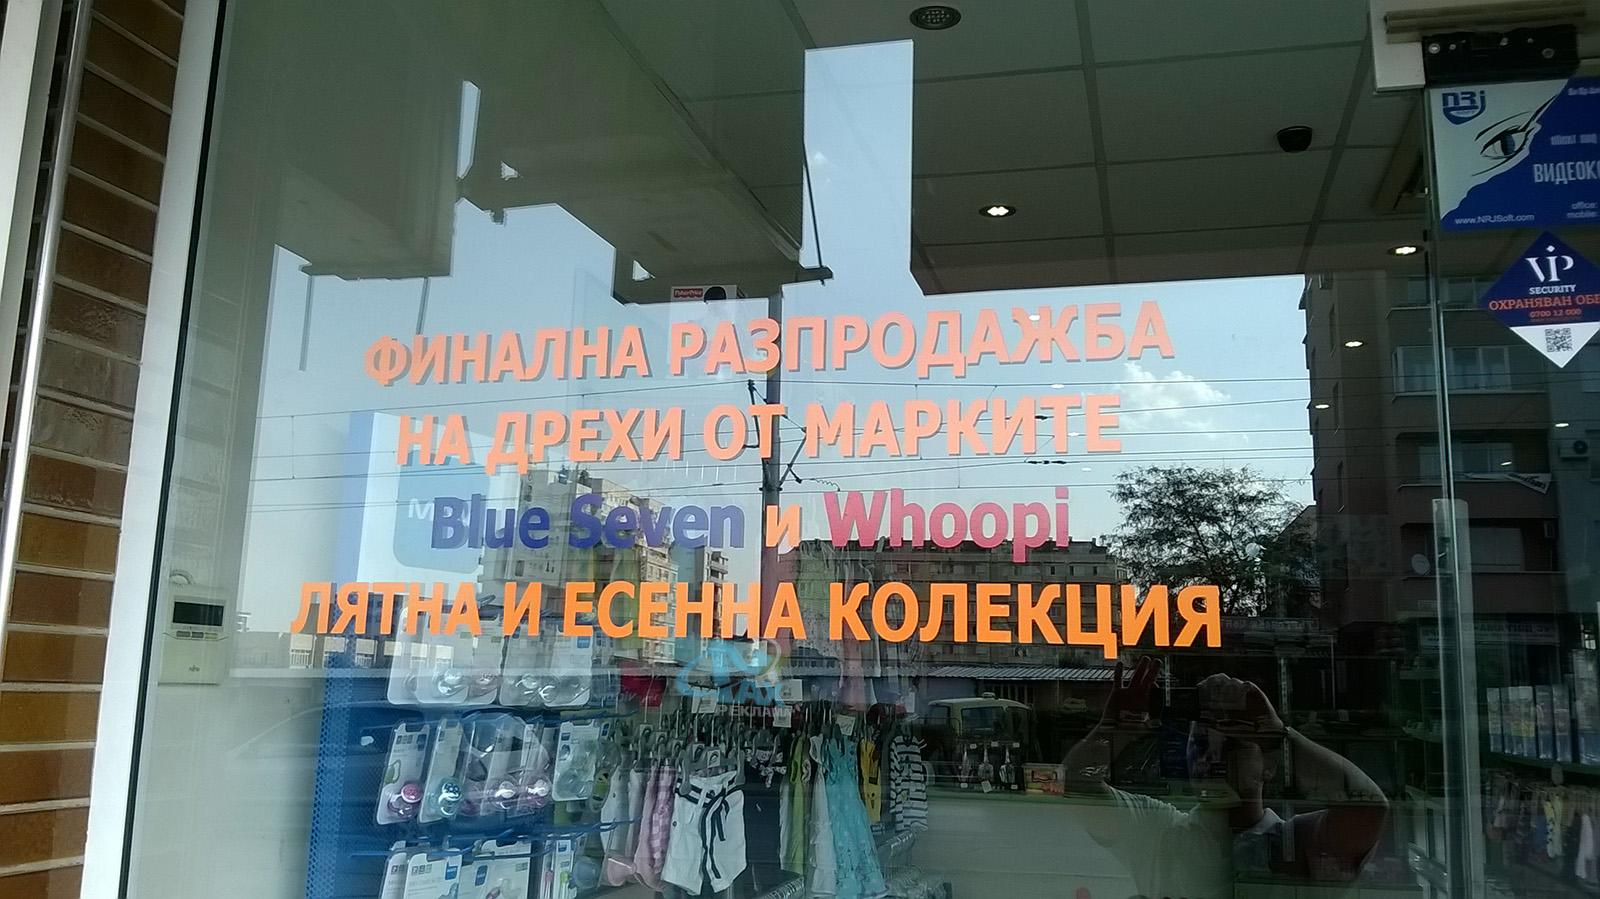 Надписване на витрини